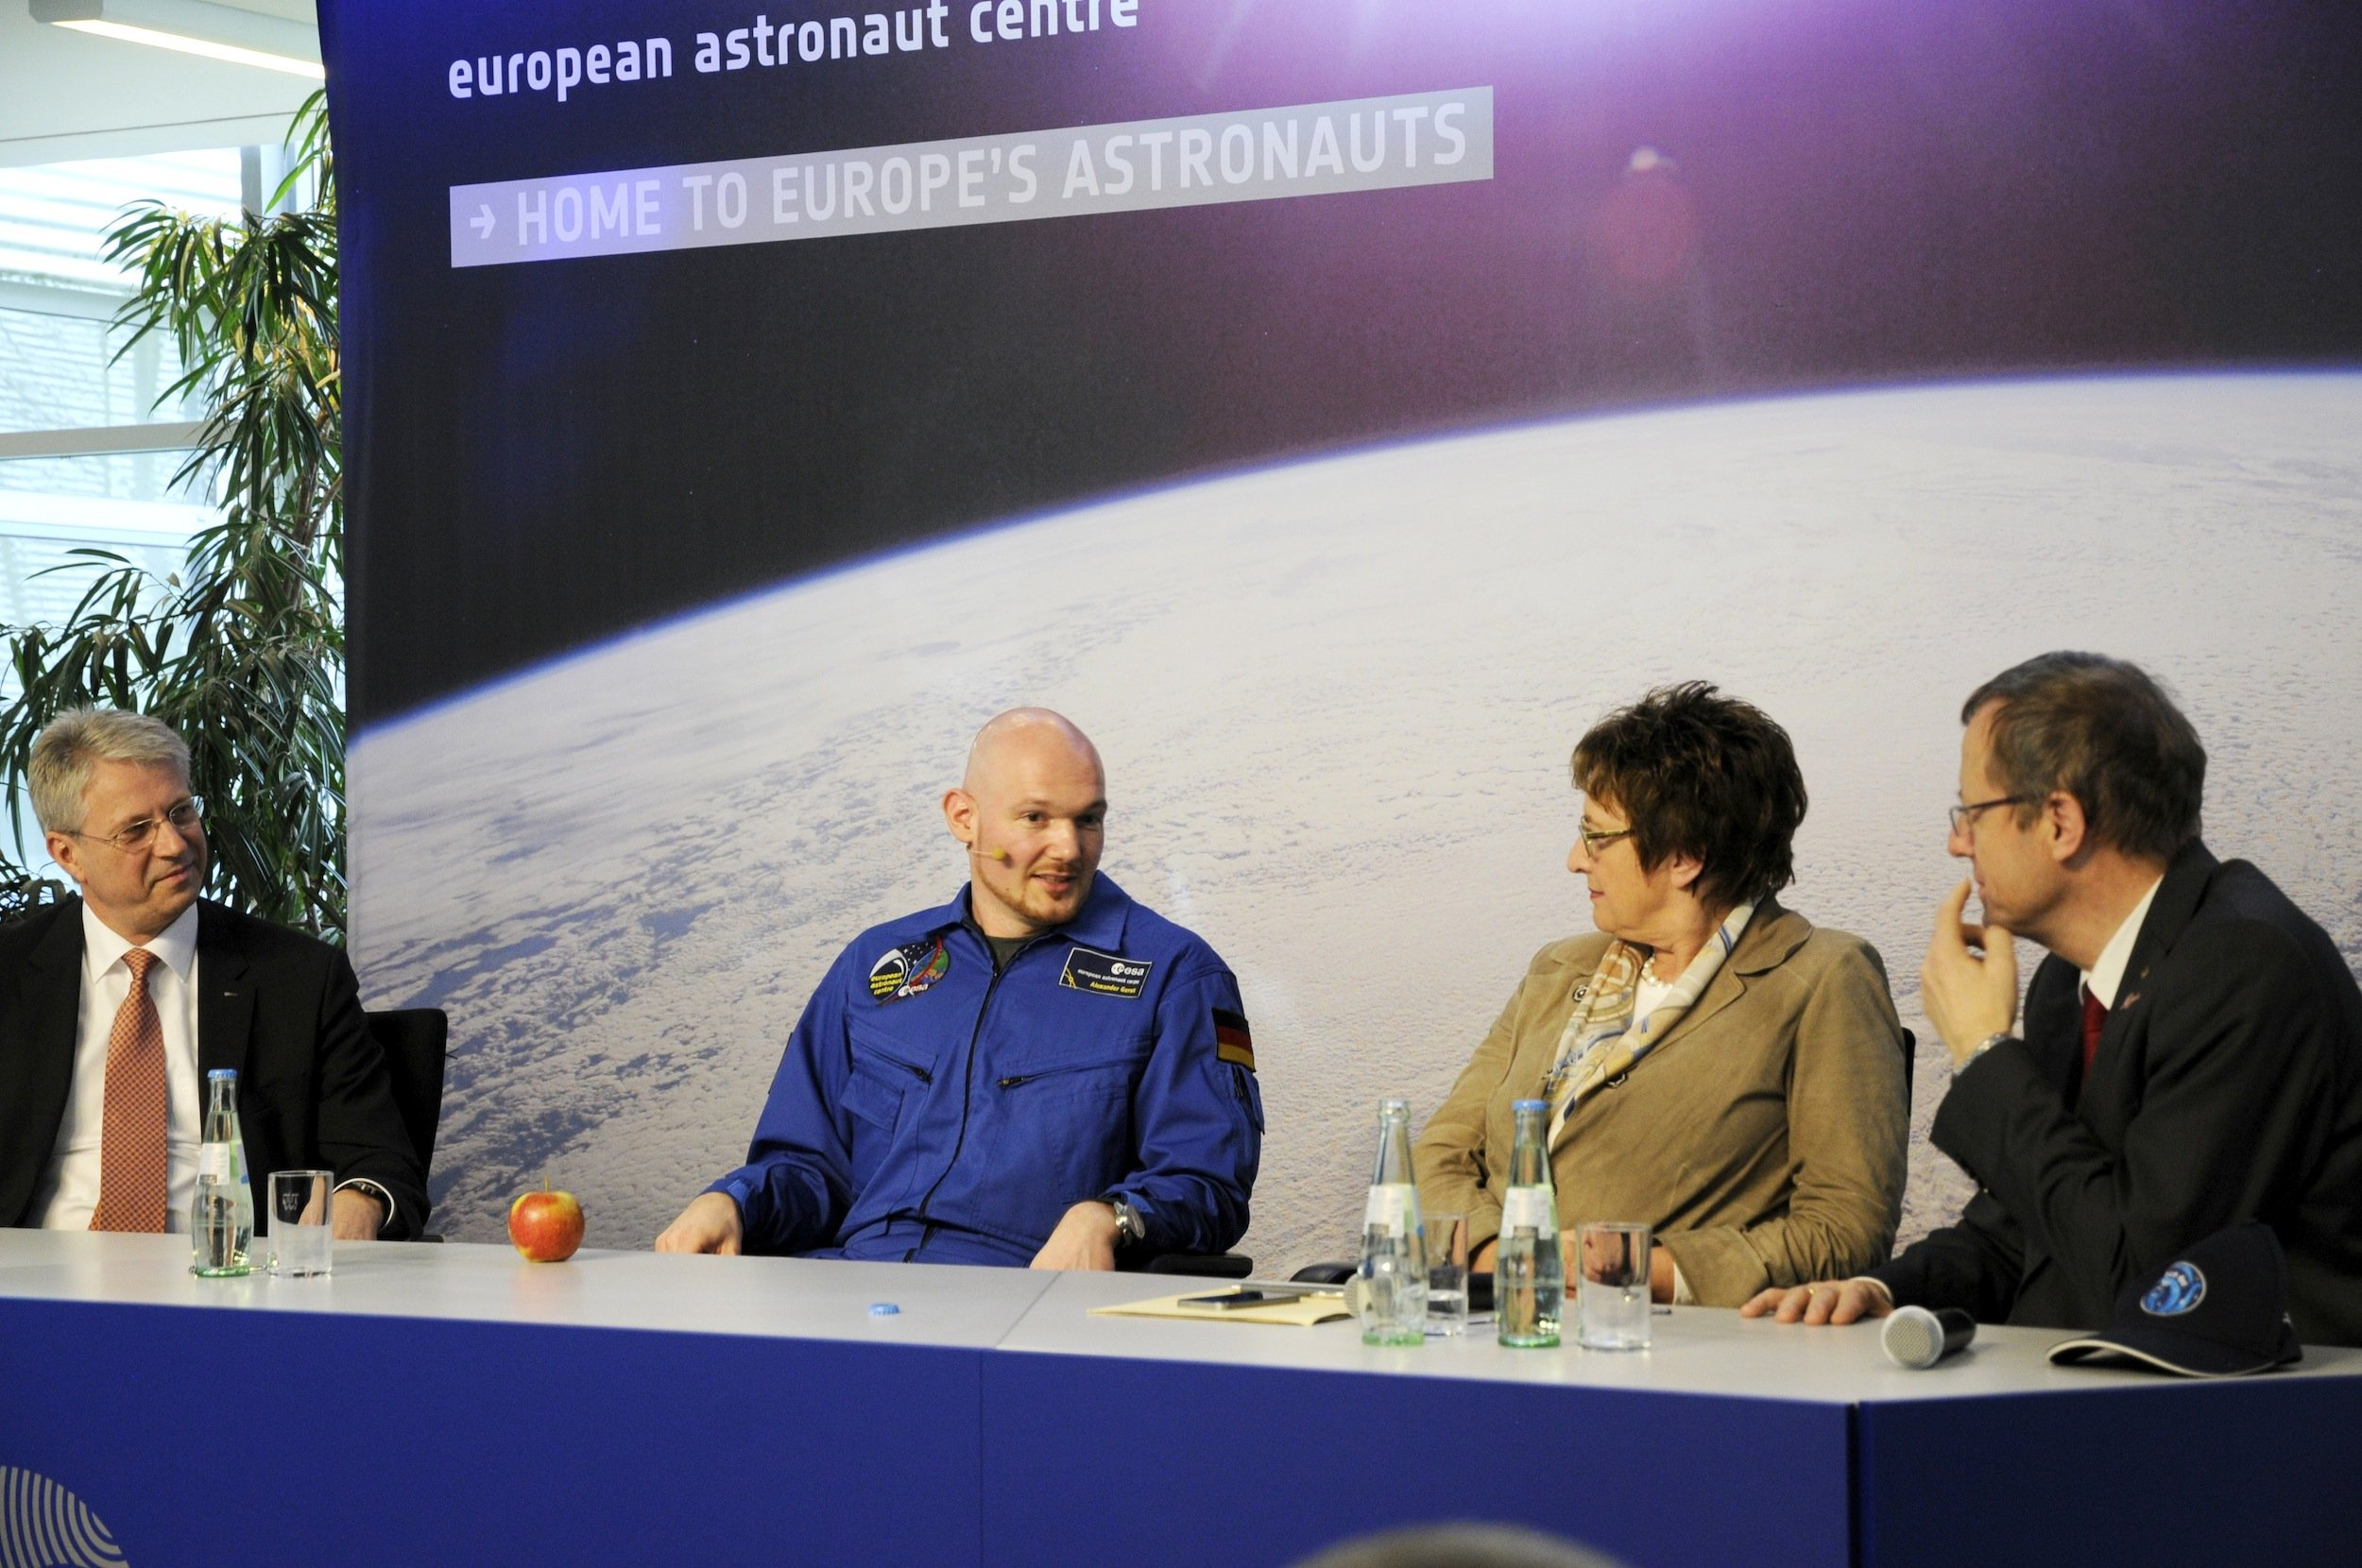 Souverän berichtete Astronaut Alexander Gerst von seiner Arbeit auf der ISS und den Gefühlen, die der Blick auf die Erde auslöst. Staatssekretärin Brigitte Zypries hatte Gerst zur Stärkung einen Apfel mitgebracht.